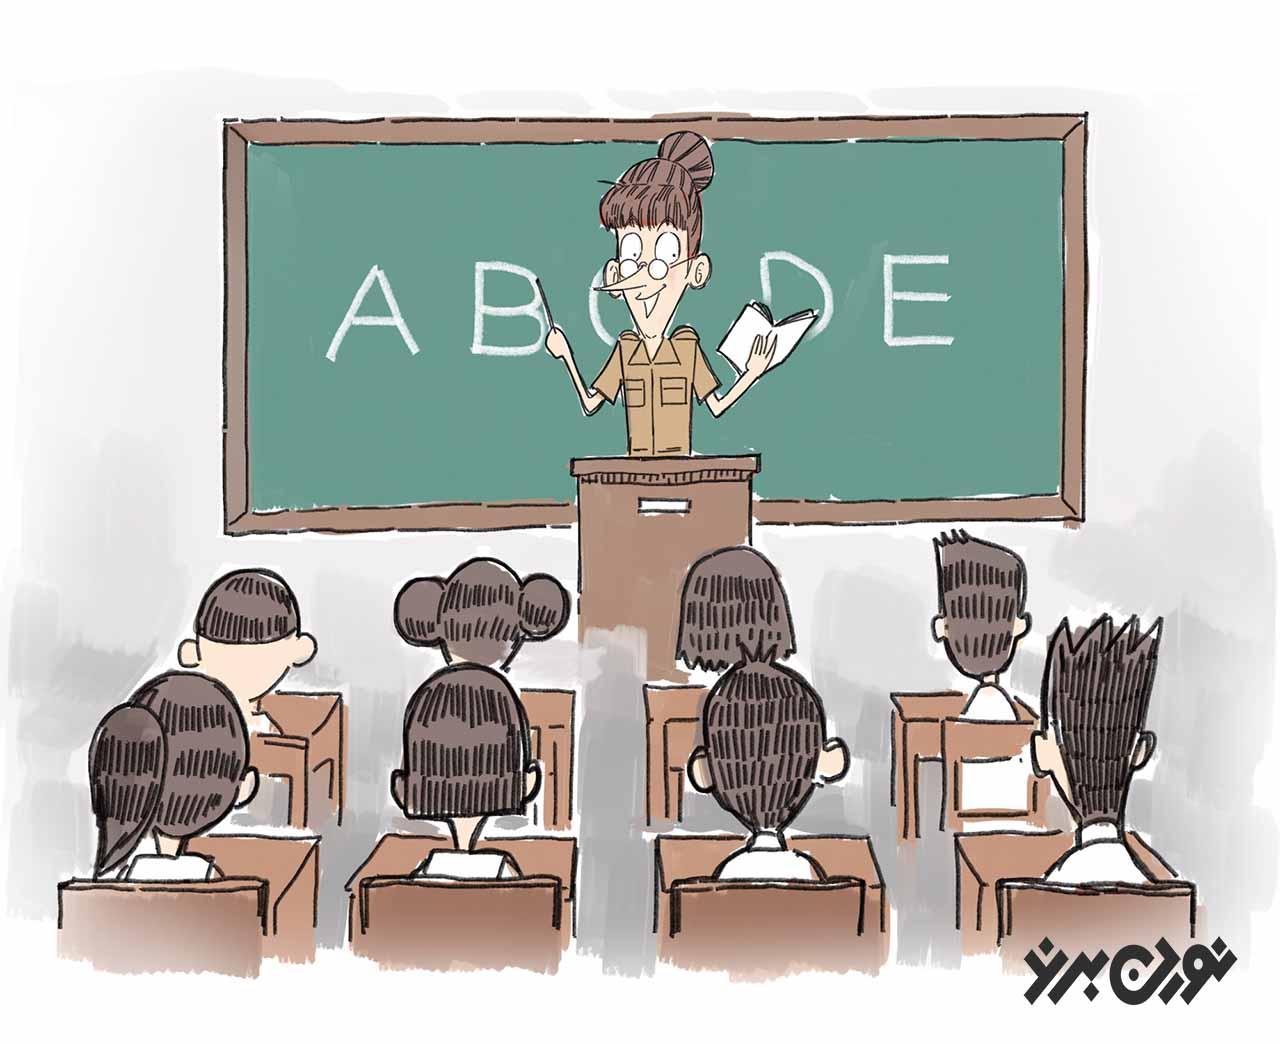 خودآموزی دارای مزیت ارزان و مبتنی بر تقاضا بودن است.